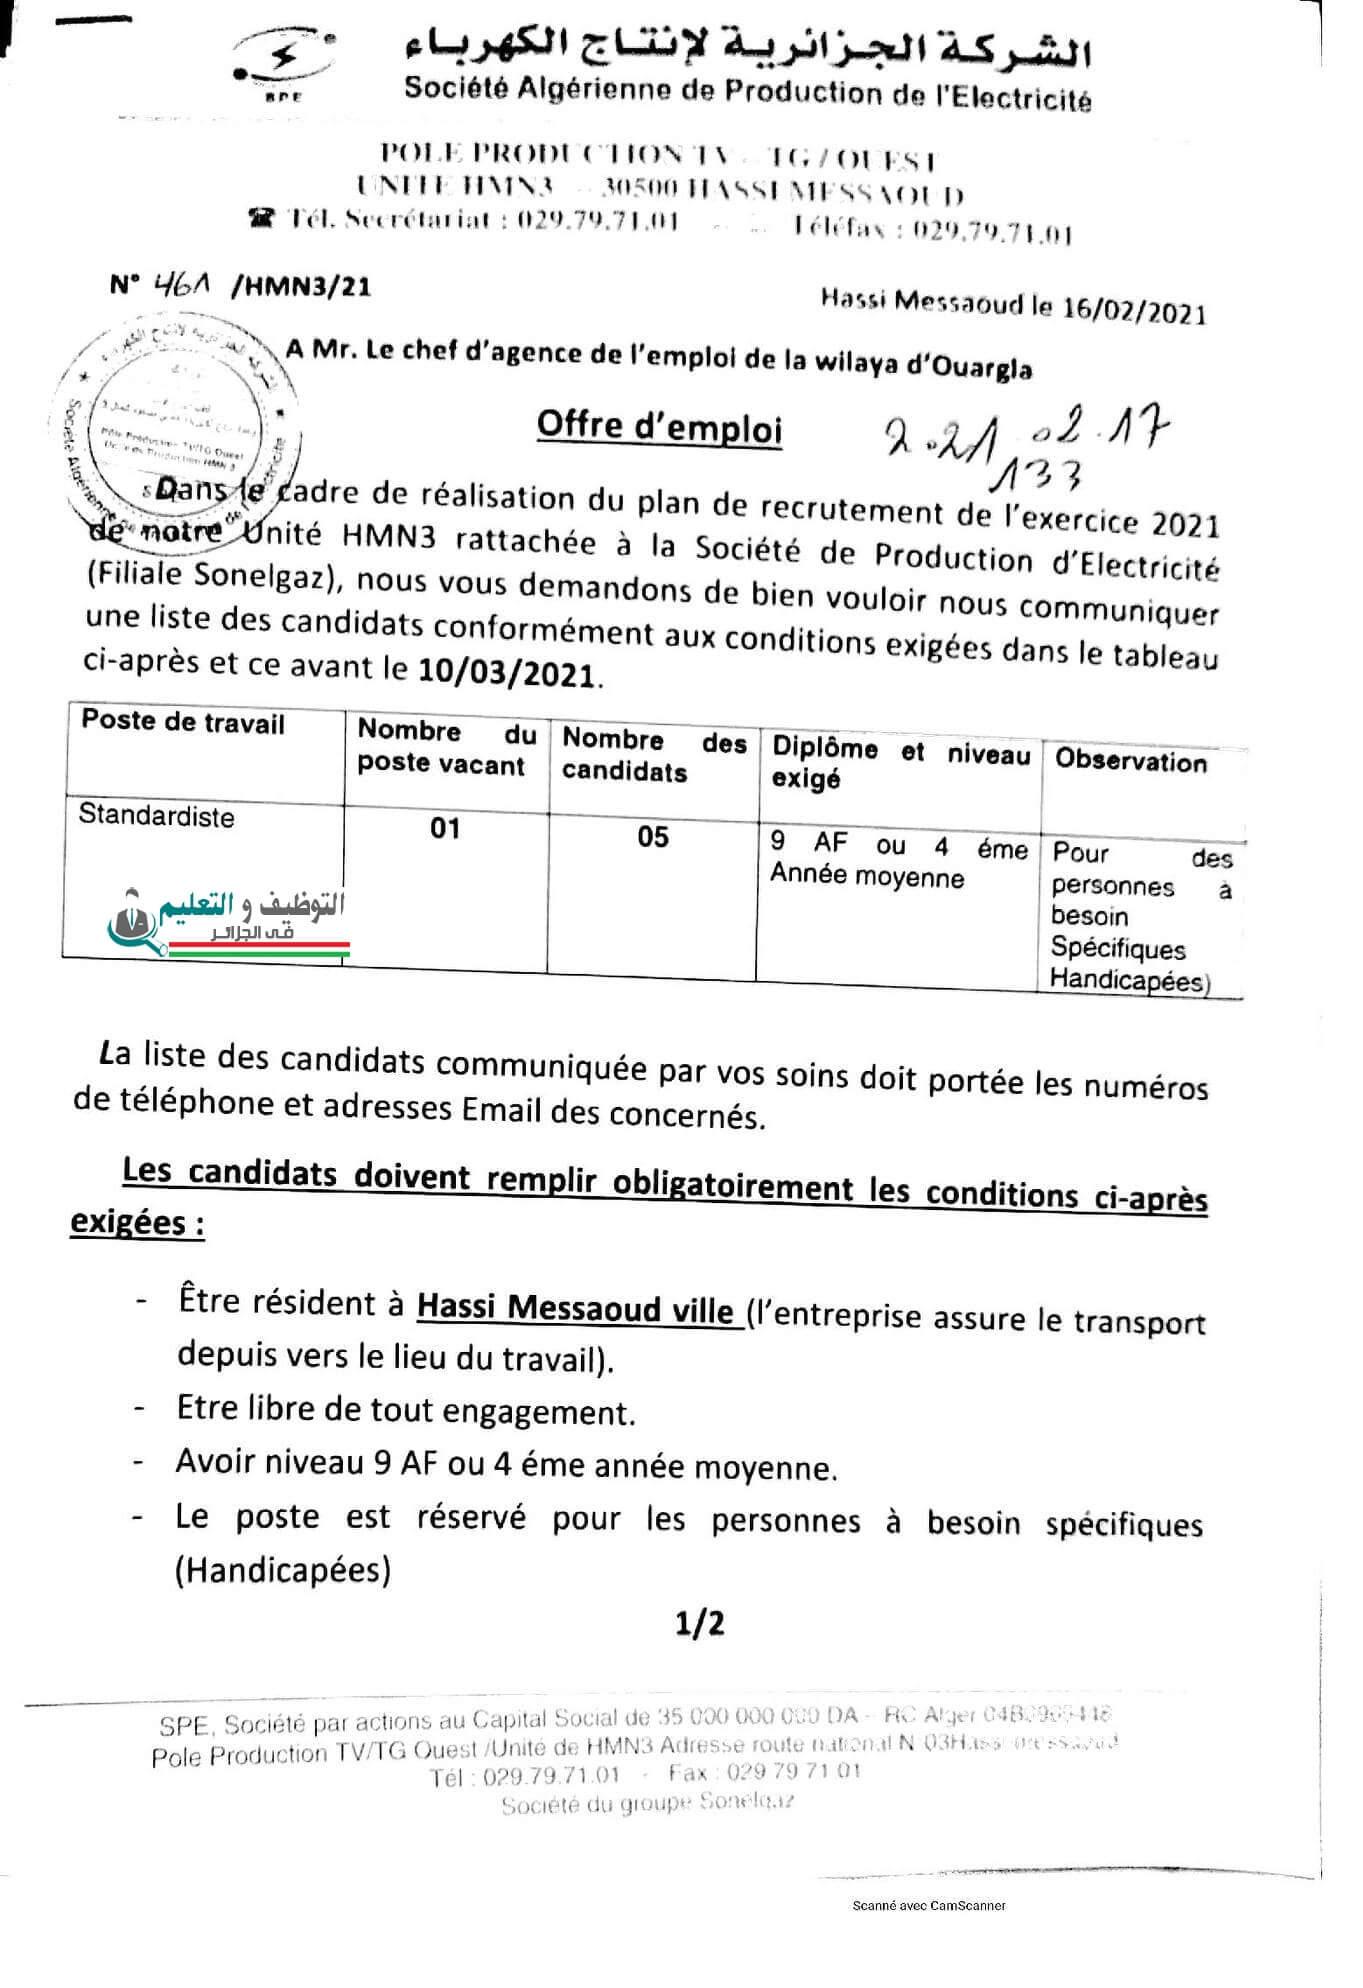 اعلان توظيف بالشركة الجزائرية لانتاج الكهرباء SPE